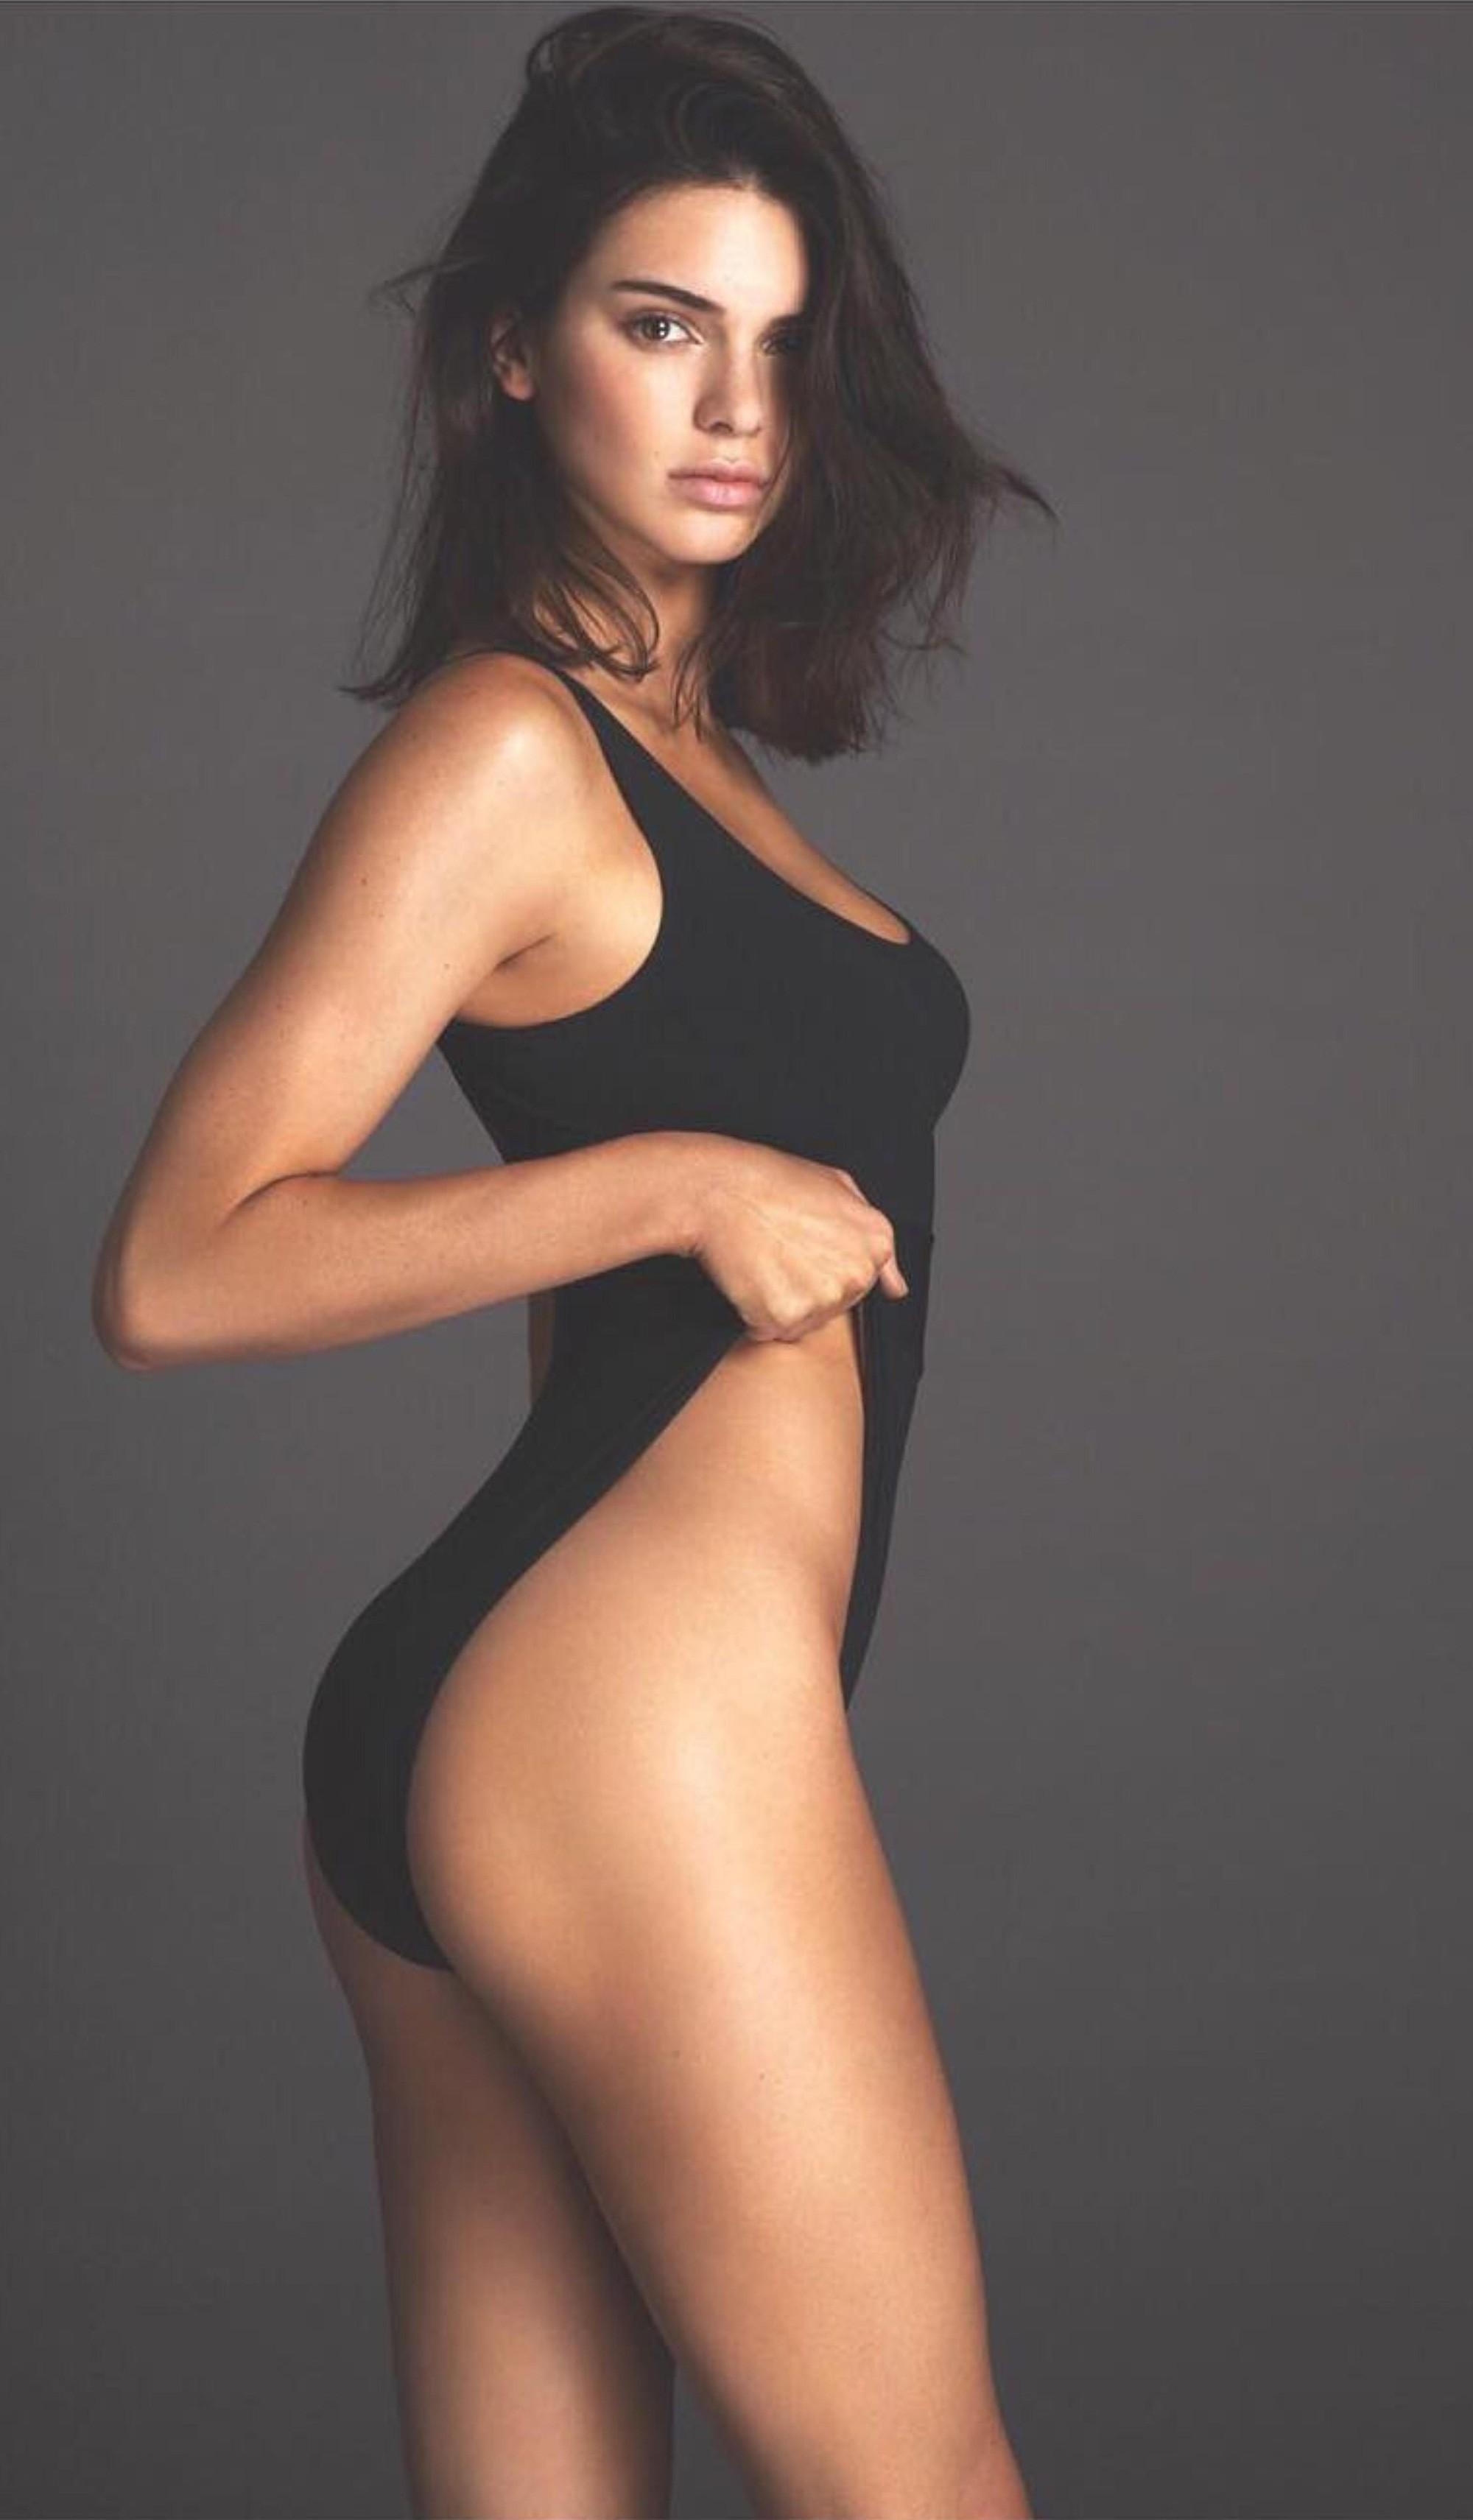 Kendall Jenner tròn 23 tuổi: Nhìn lại loạt khoảnh khắc nhan sắc đỉnh cao của siêu mẫu kiếm nhiều tiền nhất thế giới! - Ảnh 17.